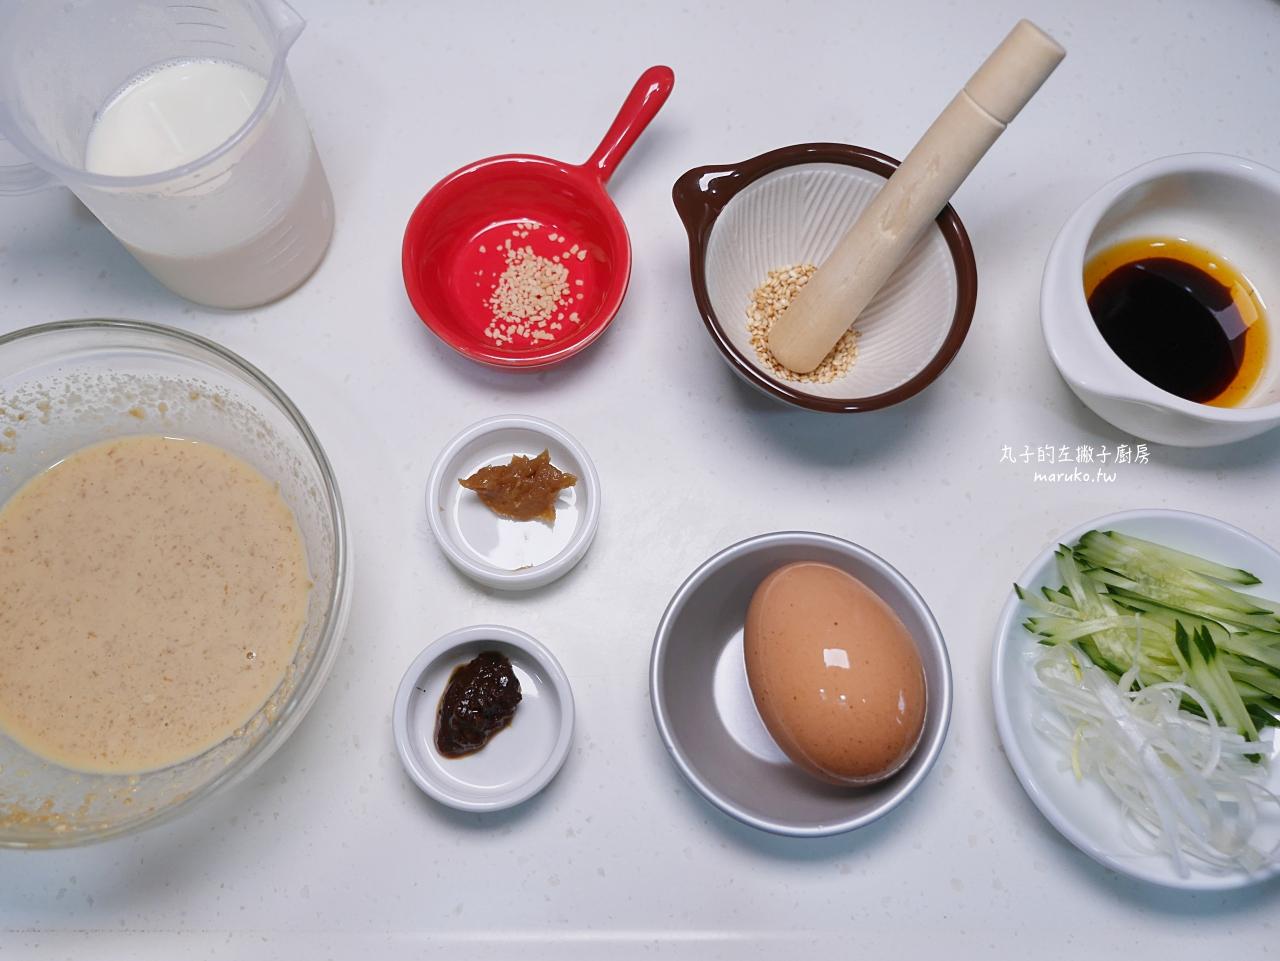 【食譜】三風製麵 經典椒麻.香蒜黃金椒辣麵 乾拌麵推薦 超開胃的三種創意吃法 @Maruko與美食有個約會